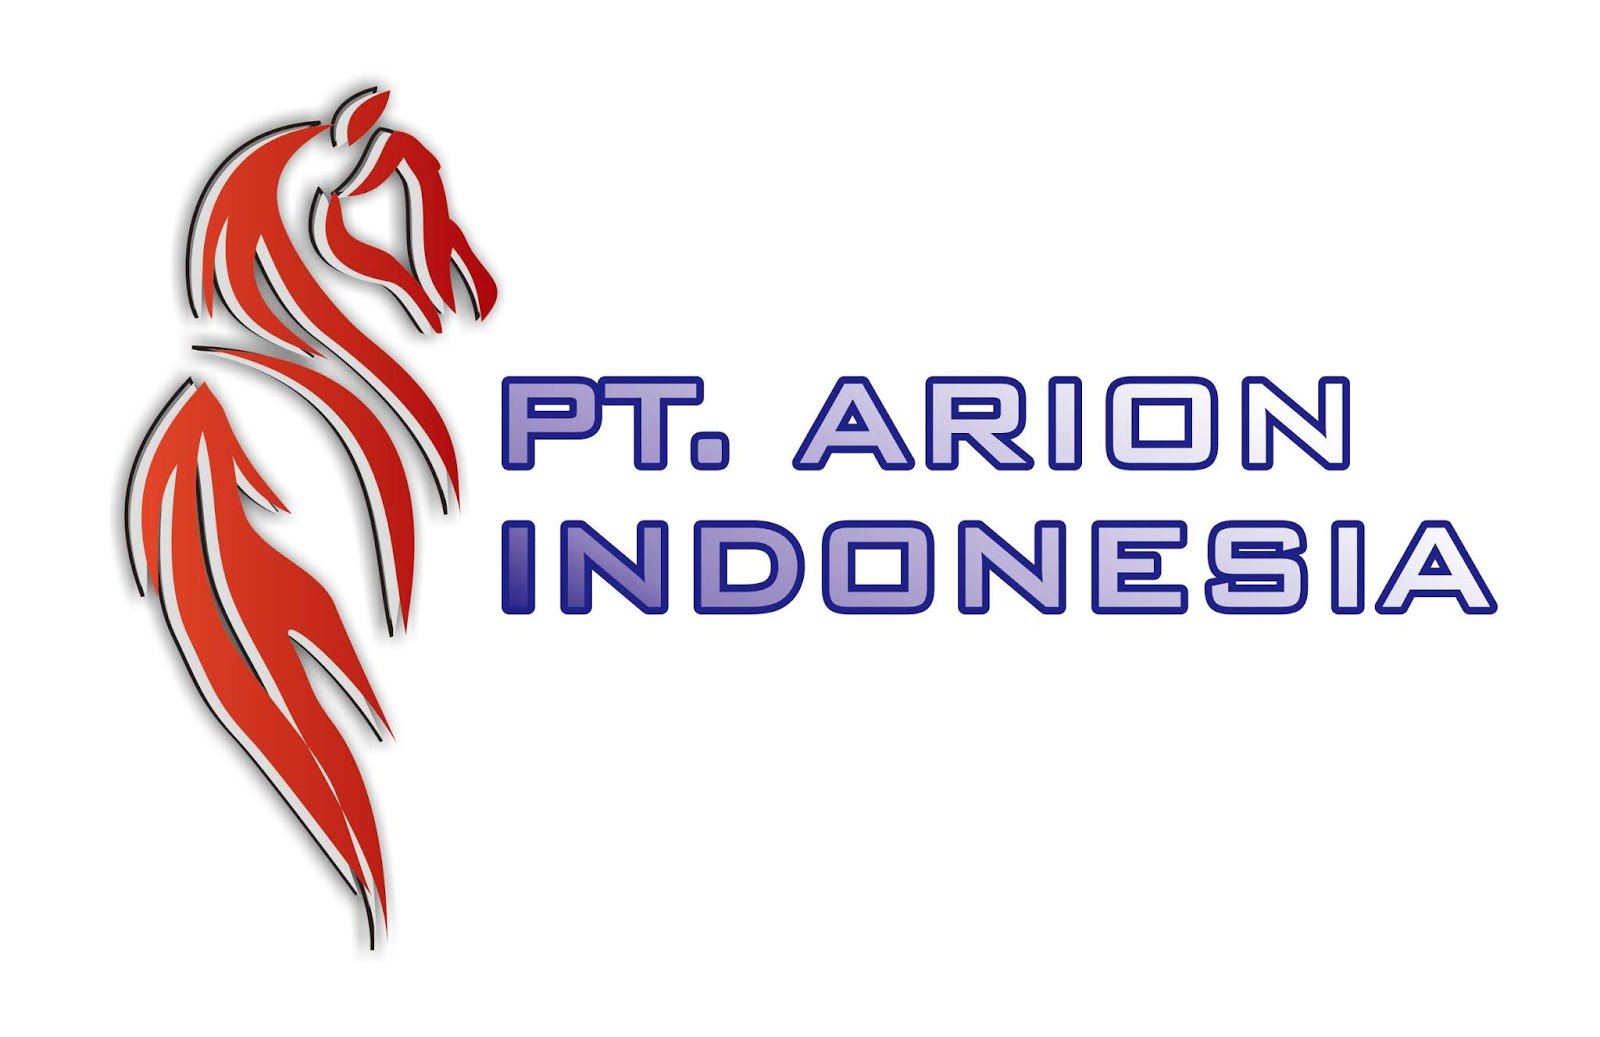 Informasi Lowongan Kerja di Malang PT ARION INDONESIA Bagian Staff Admin